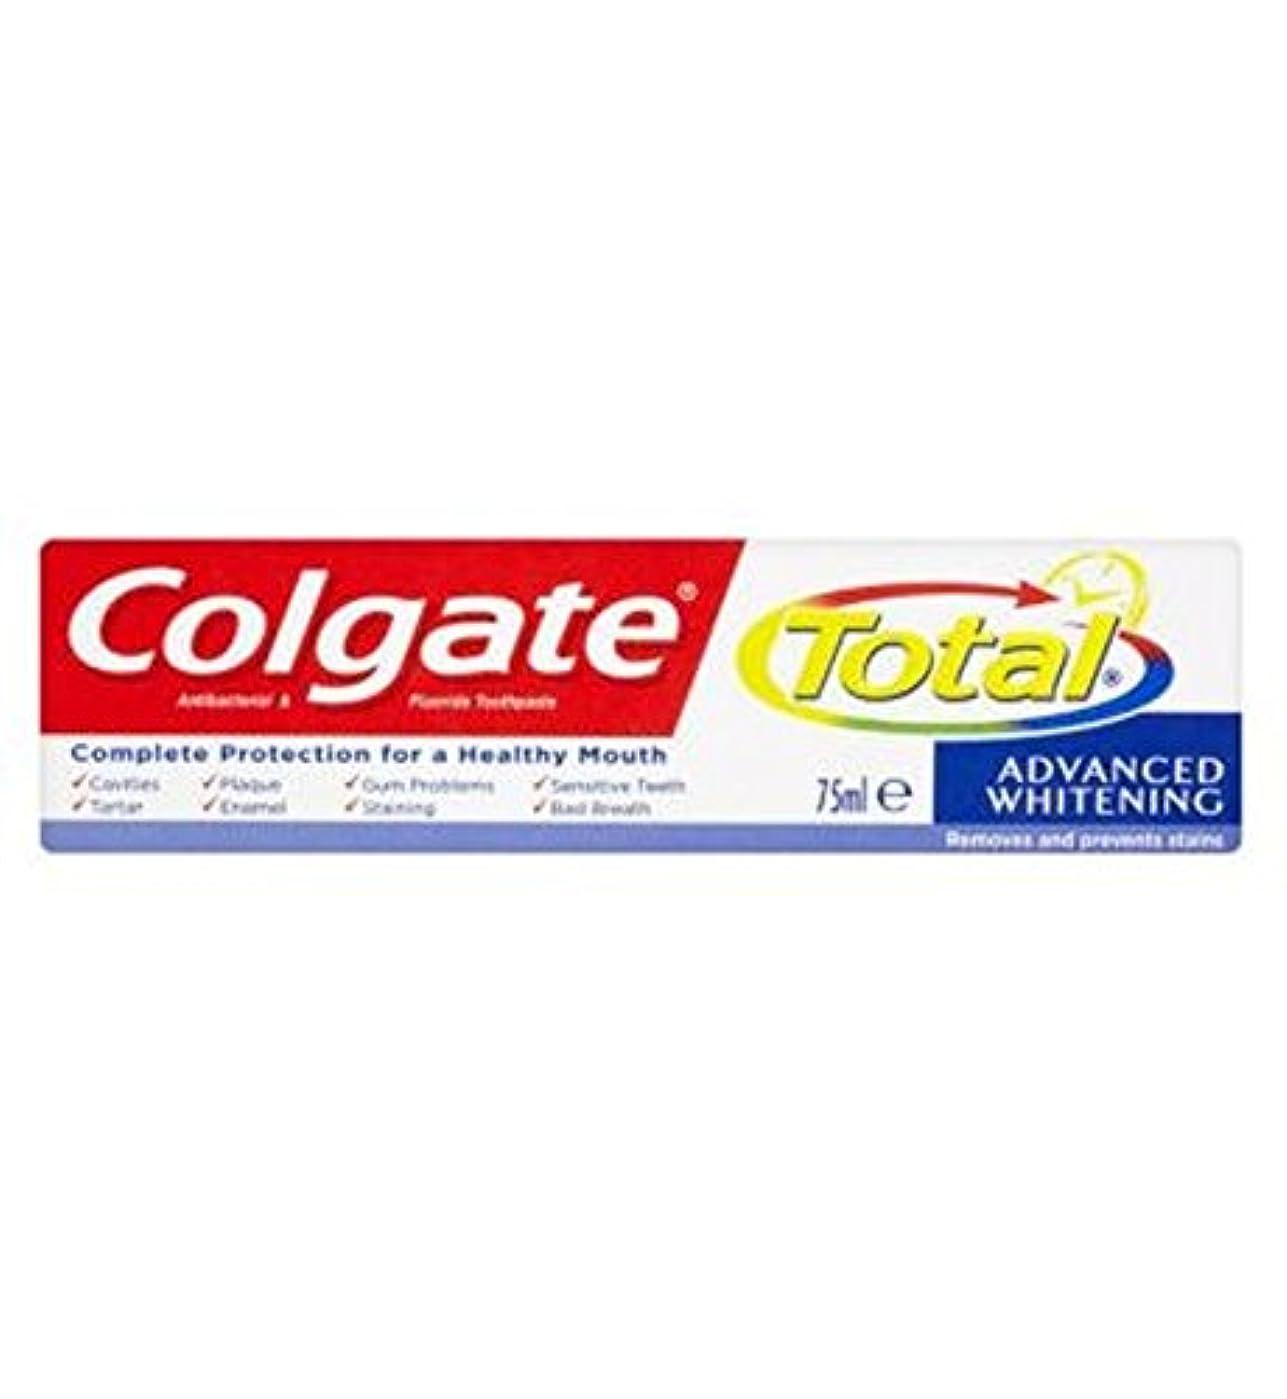 キャビンバーター第九コルゲートトータル高度なホワイトニング歯磨き粉75ミリリットル (Colgate) (x2) - Colgate Total Advanced Whitening toothpaste 75ml (Pack of 2)...